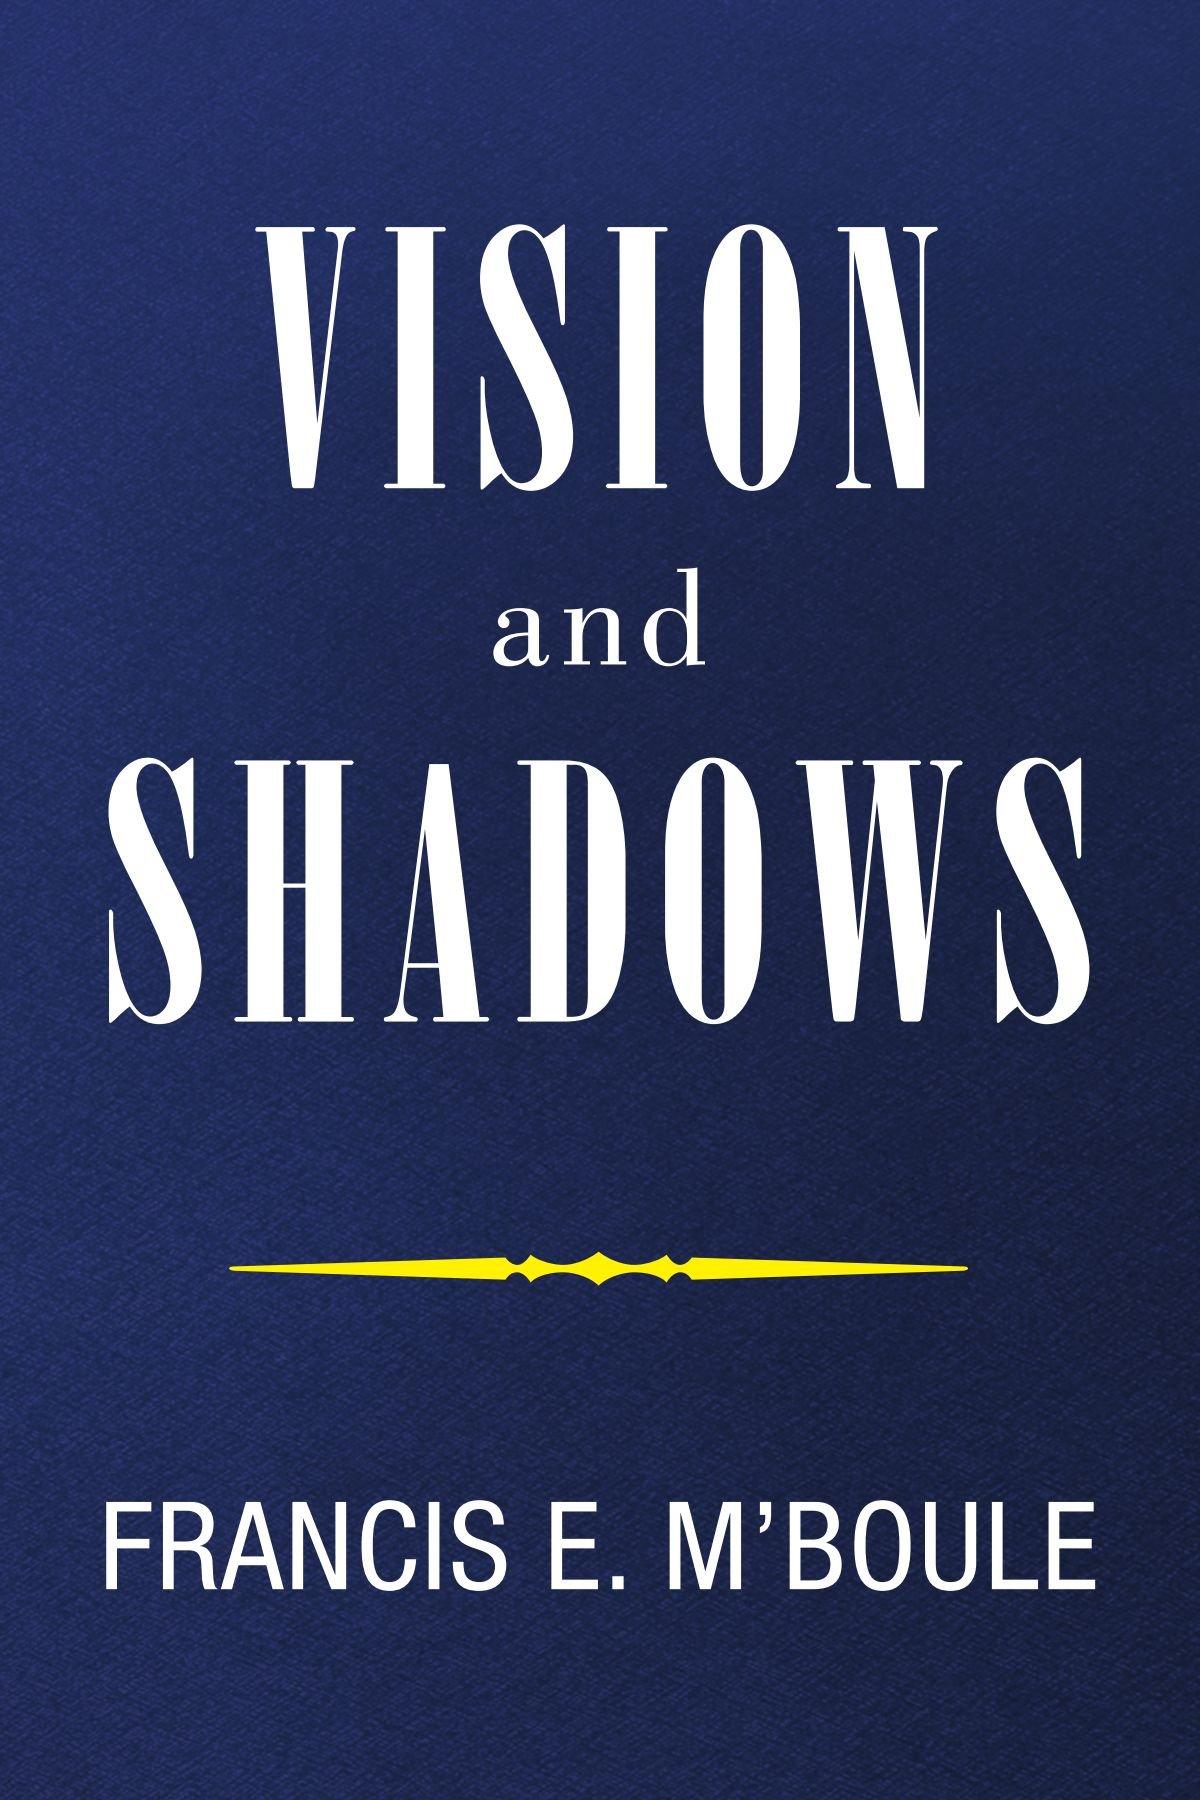 VISION and SHADOWS ebook